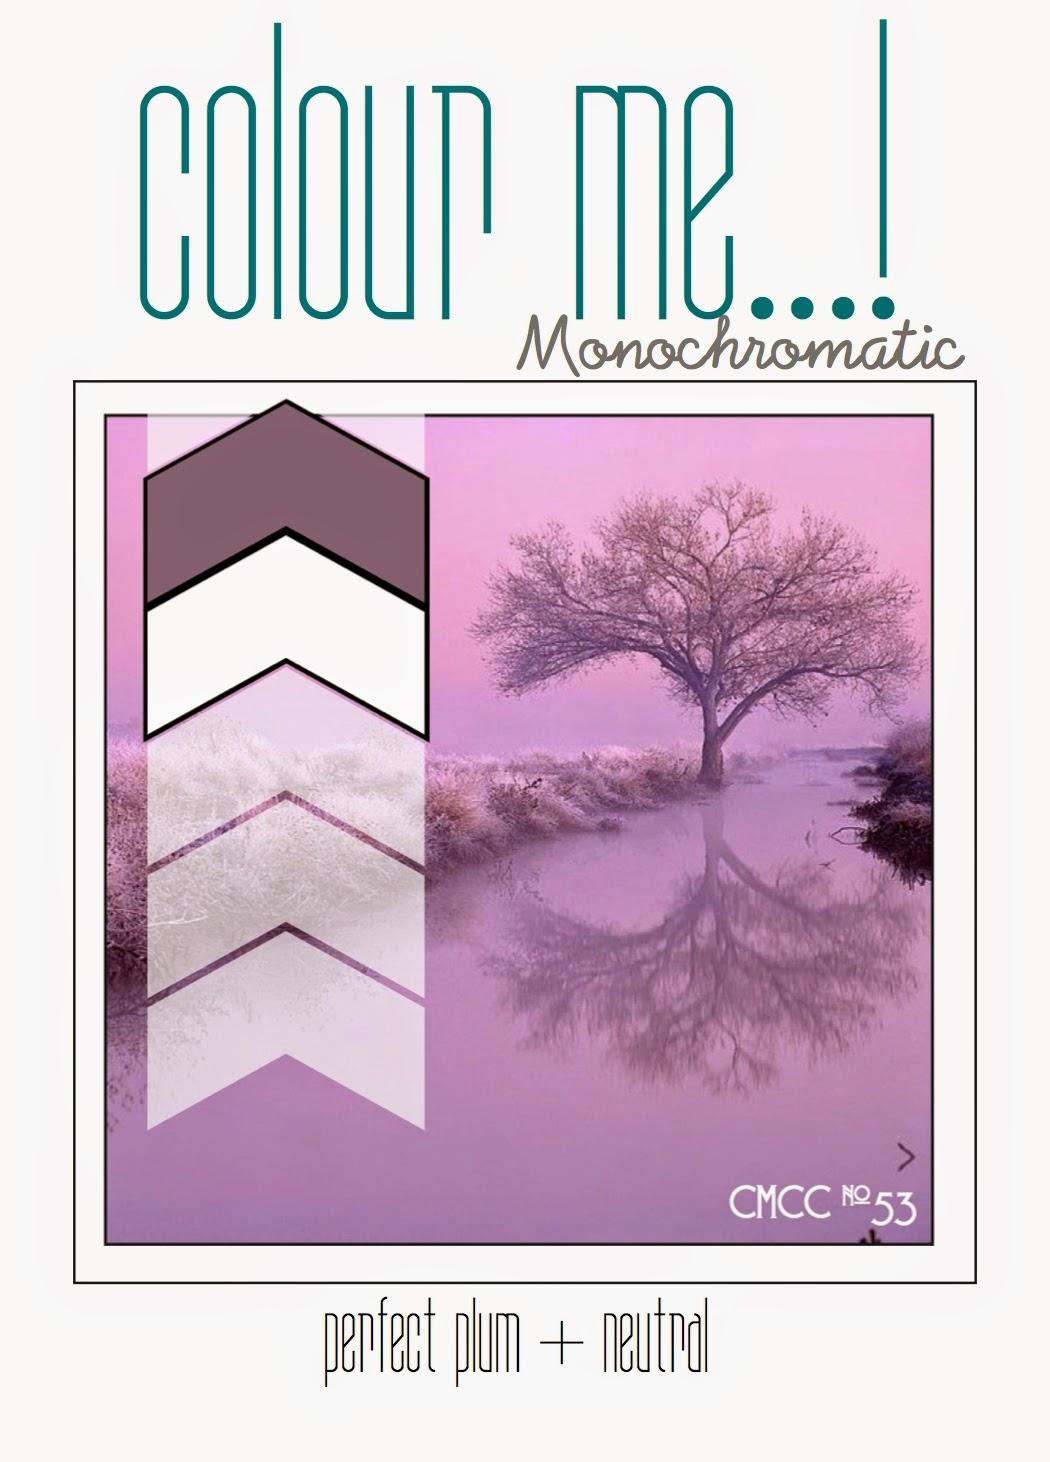 http://colourmecardchallenge.blogspot.com/2015/01/cmcc53-colour-me-monochromatic.html